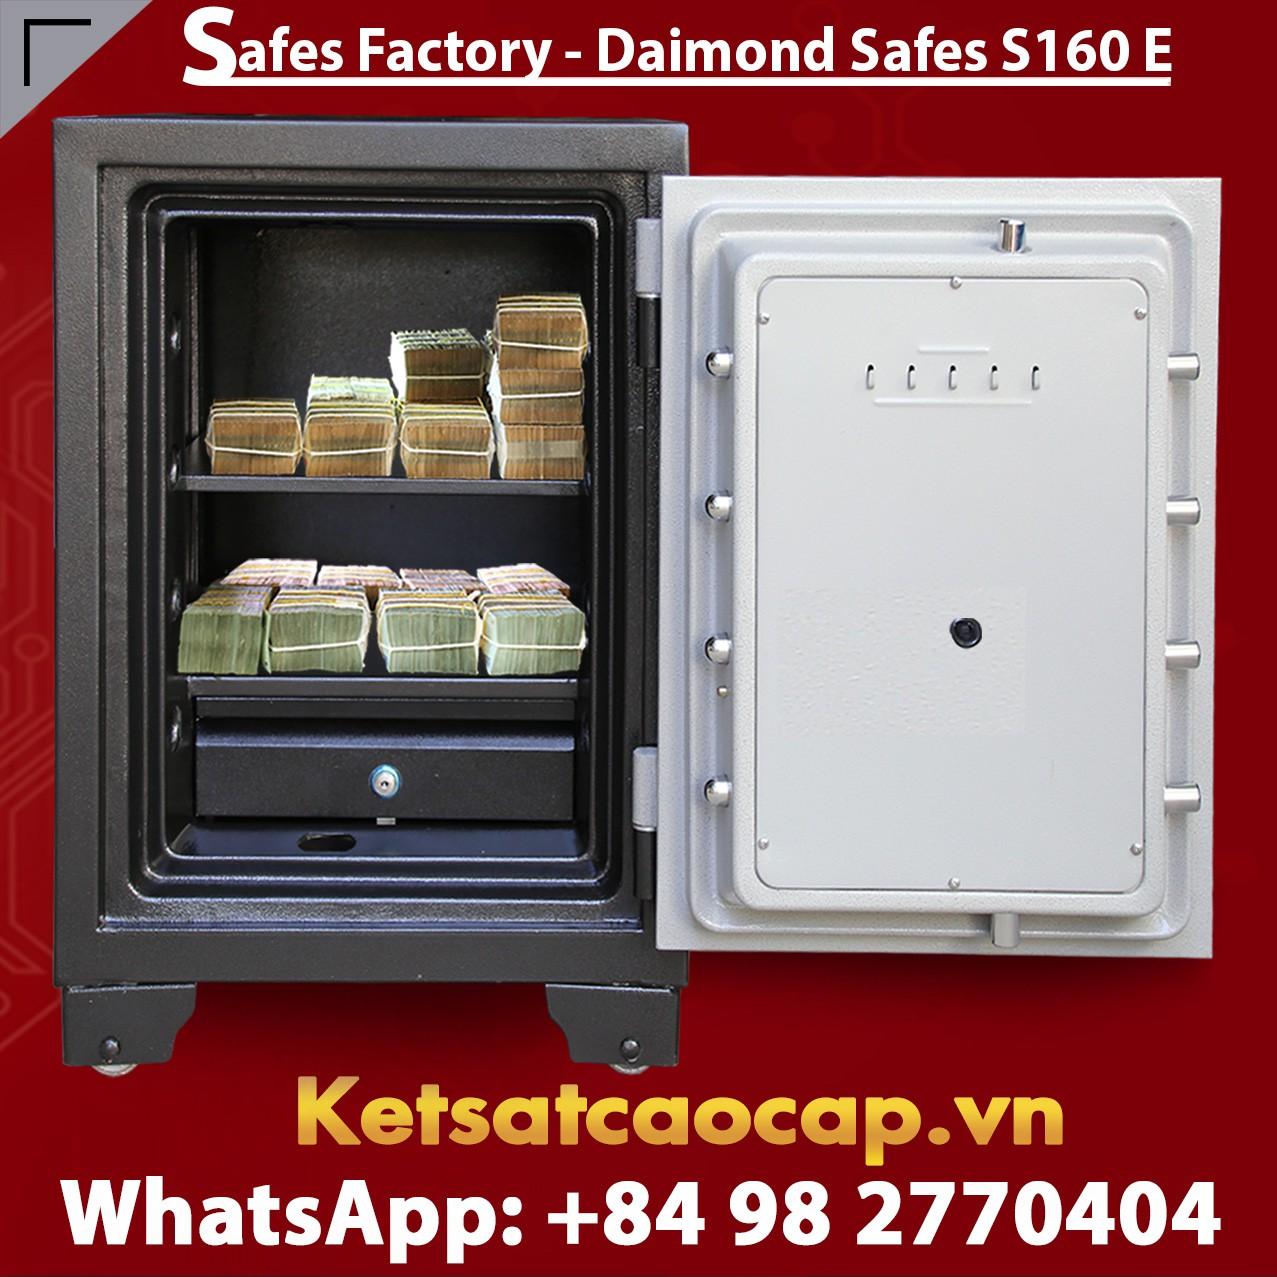 Home Safe Welko S160 E